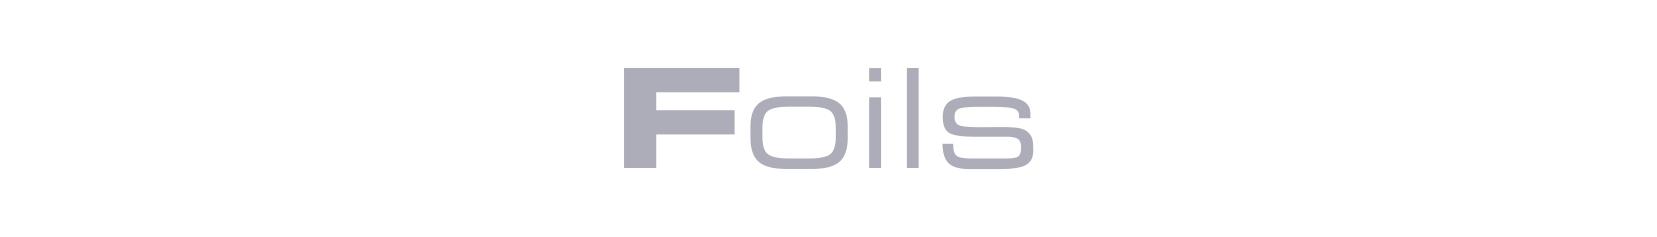 Foils alpinefoil eng